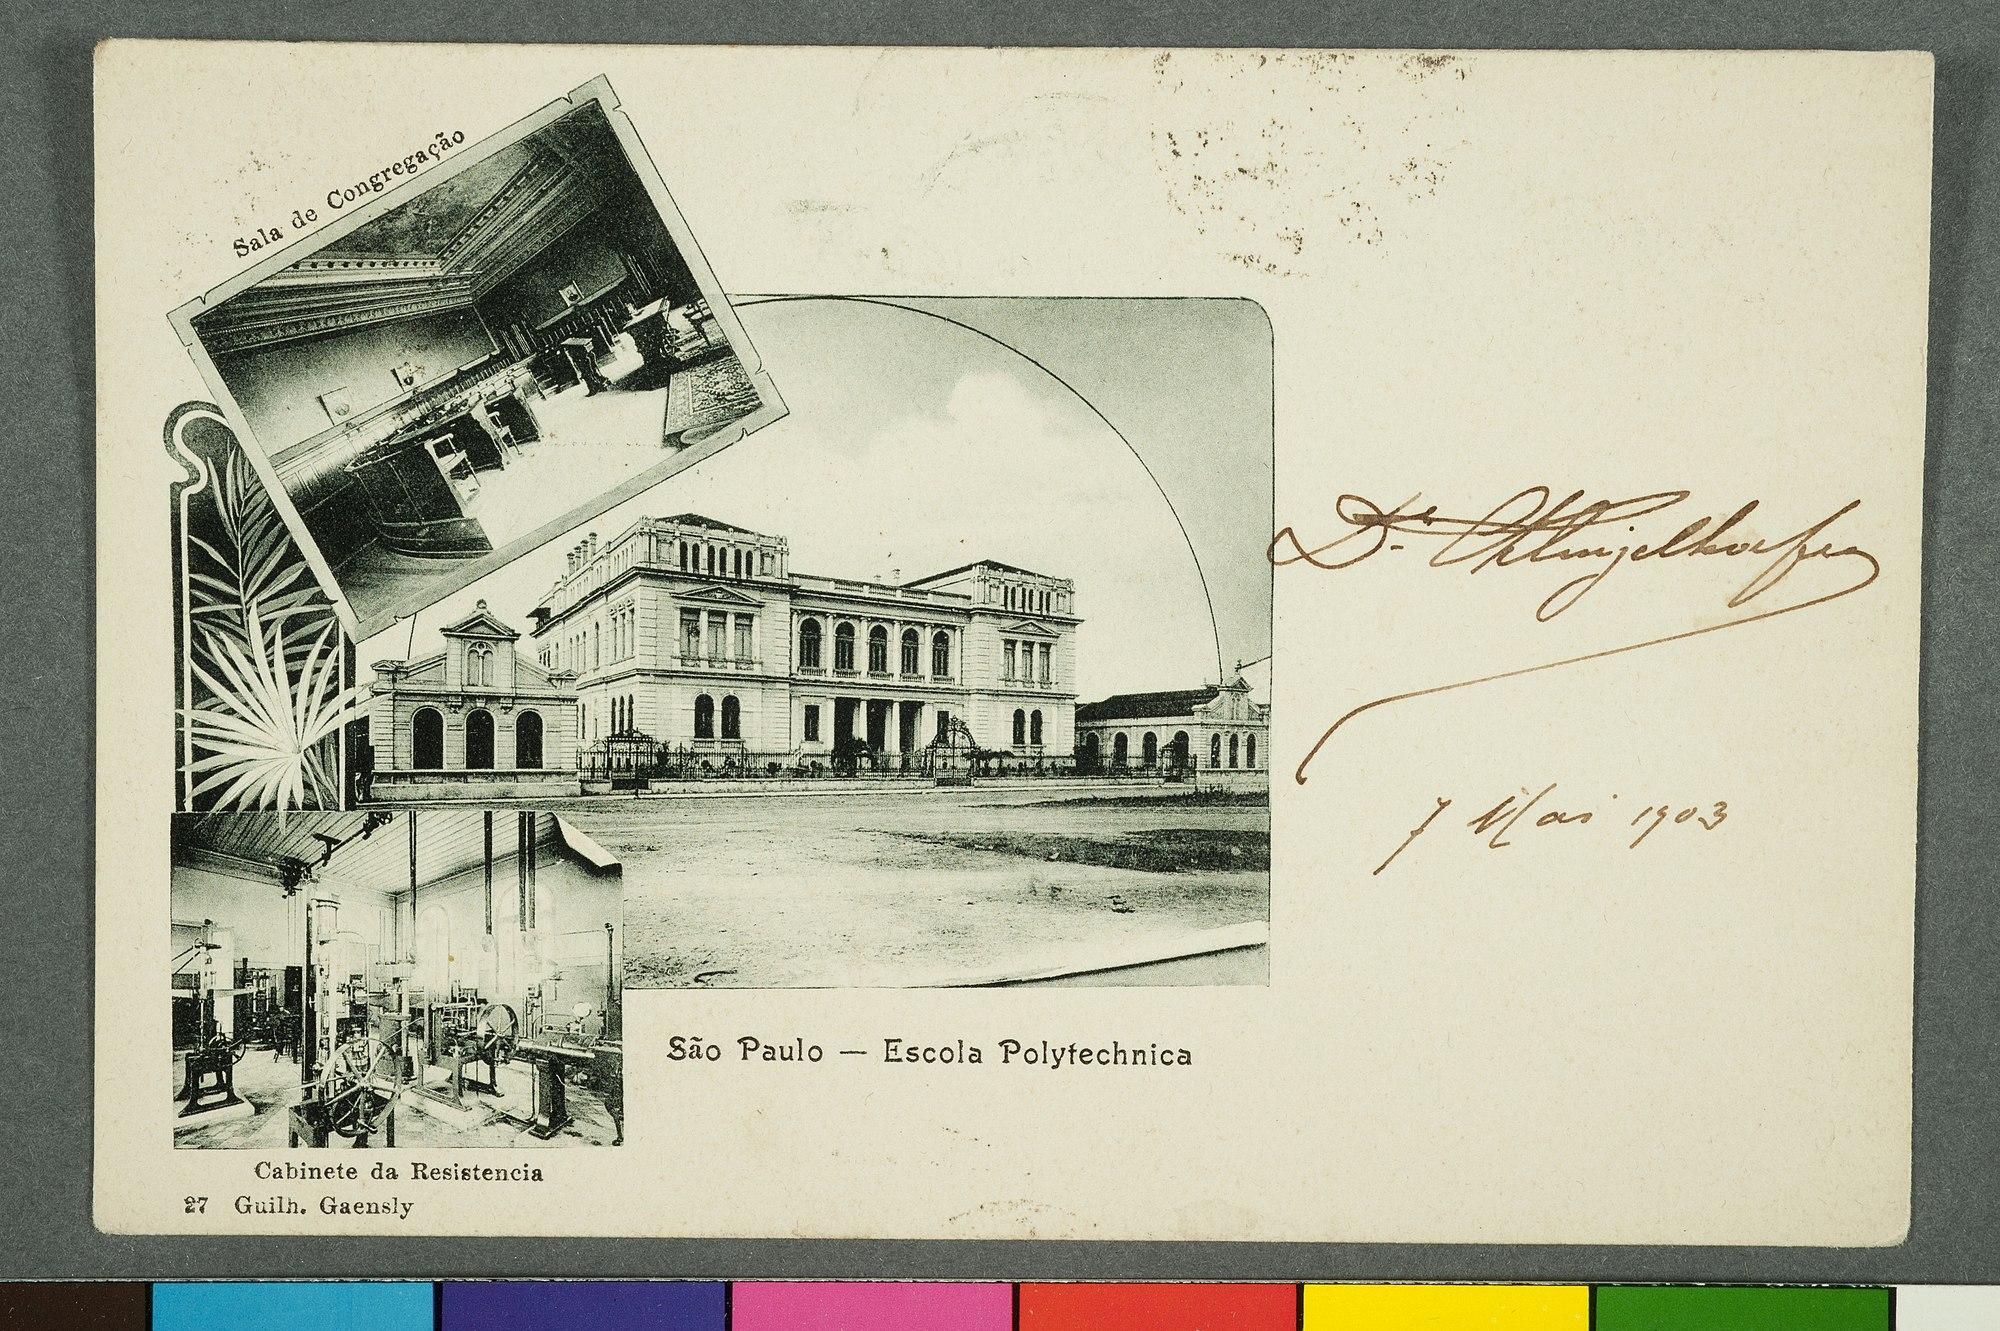 São Paulo - Escola Polytechnica Sala de Congregação. Cabinete da Resistencia